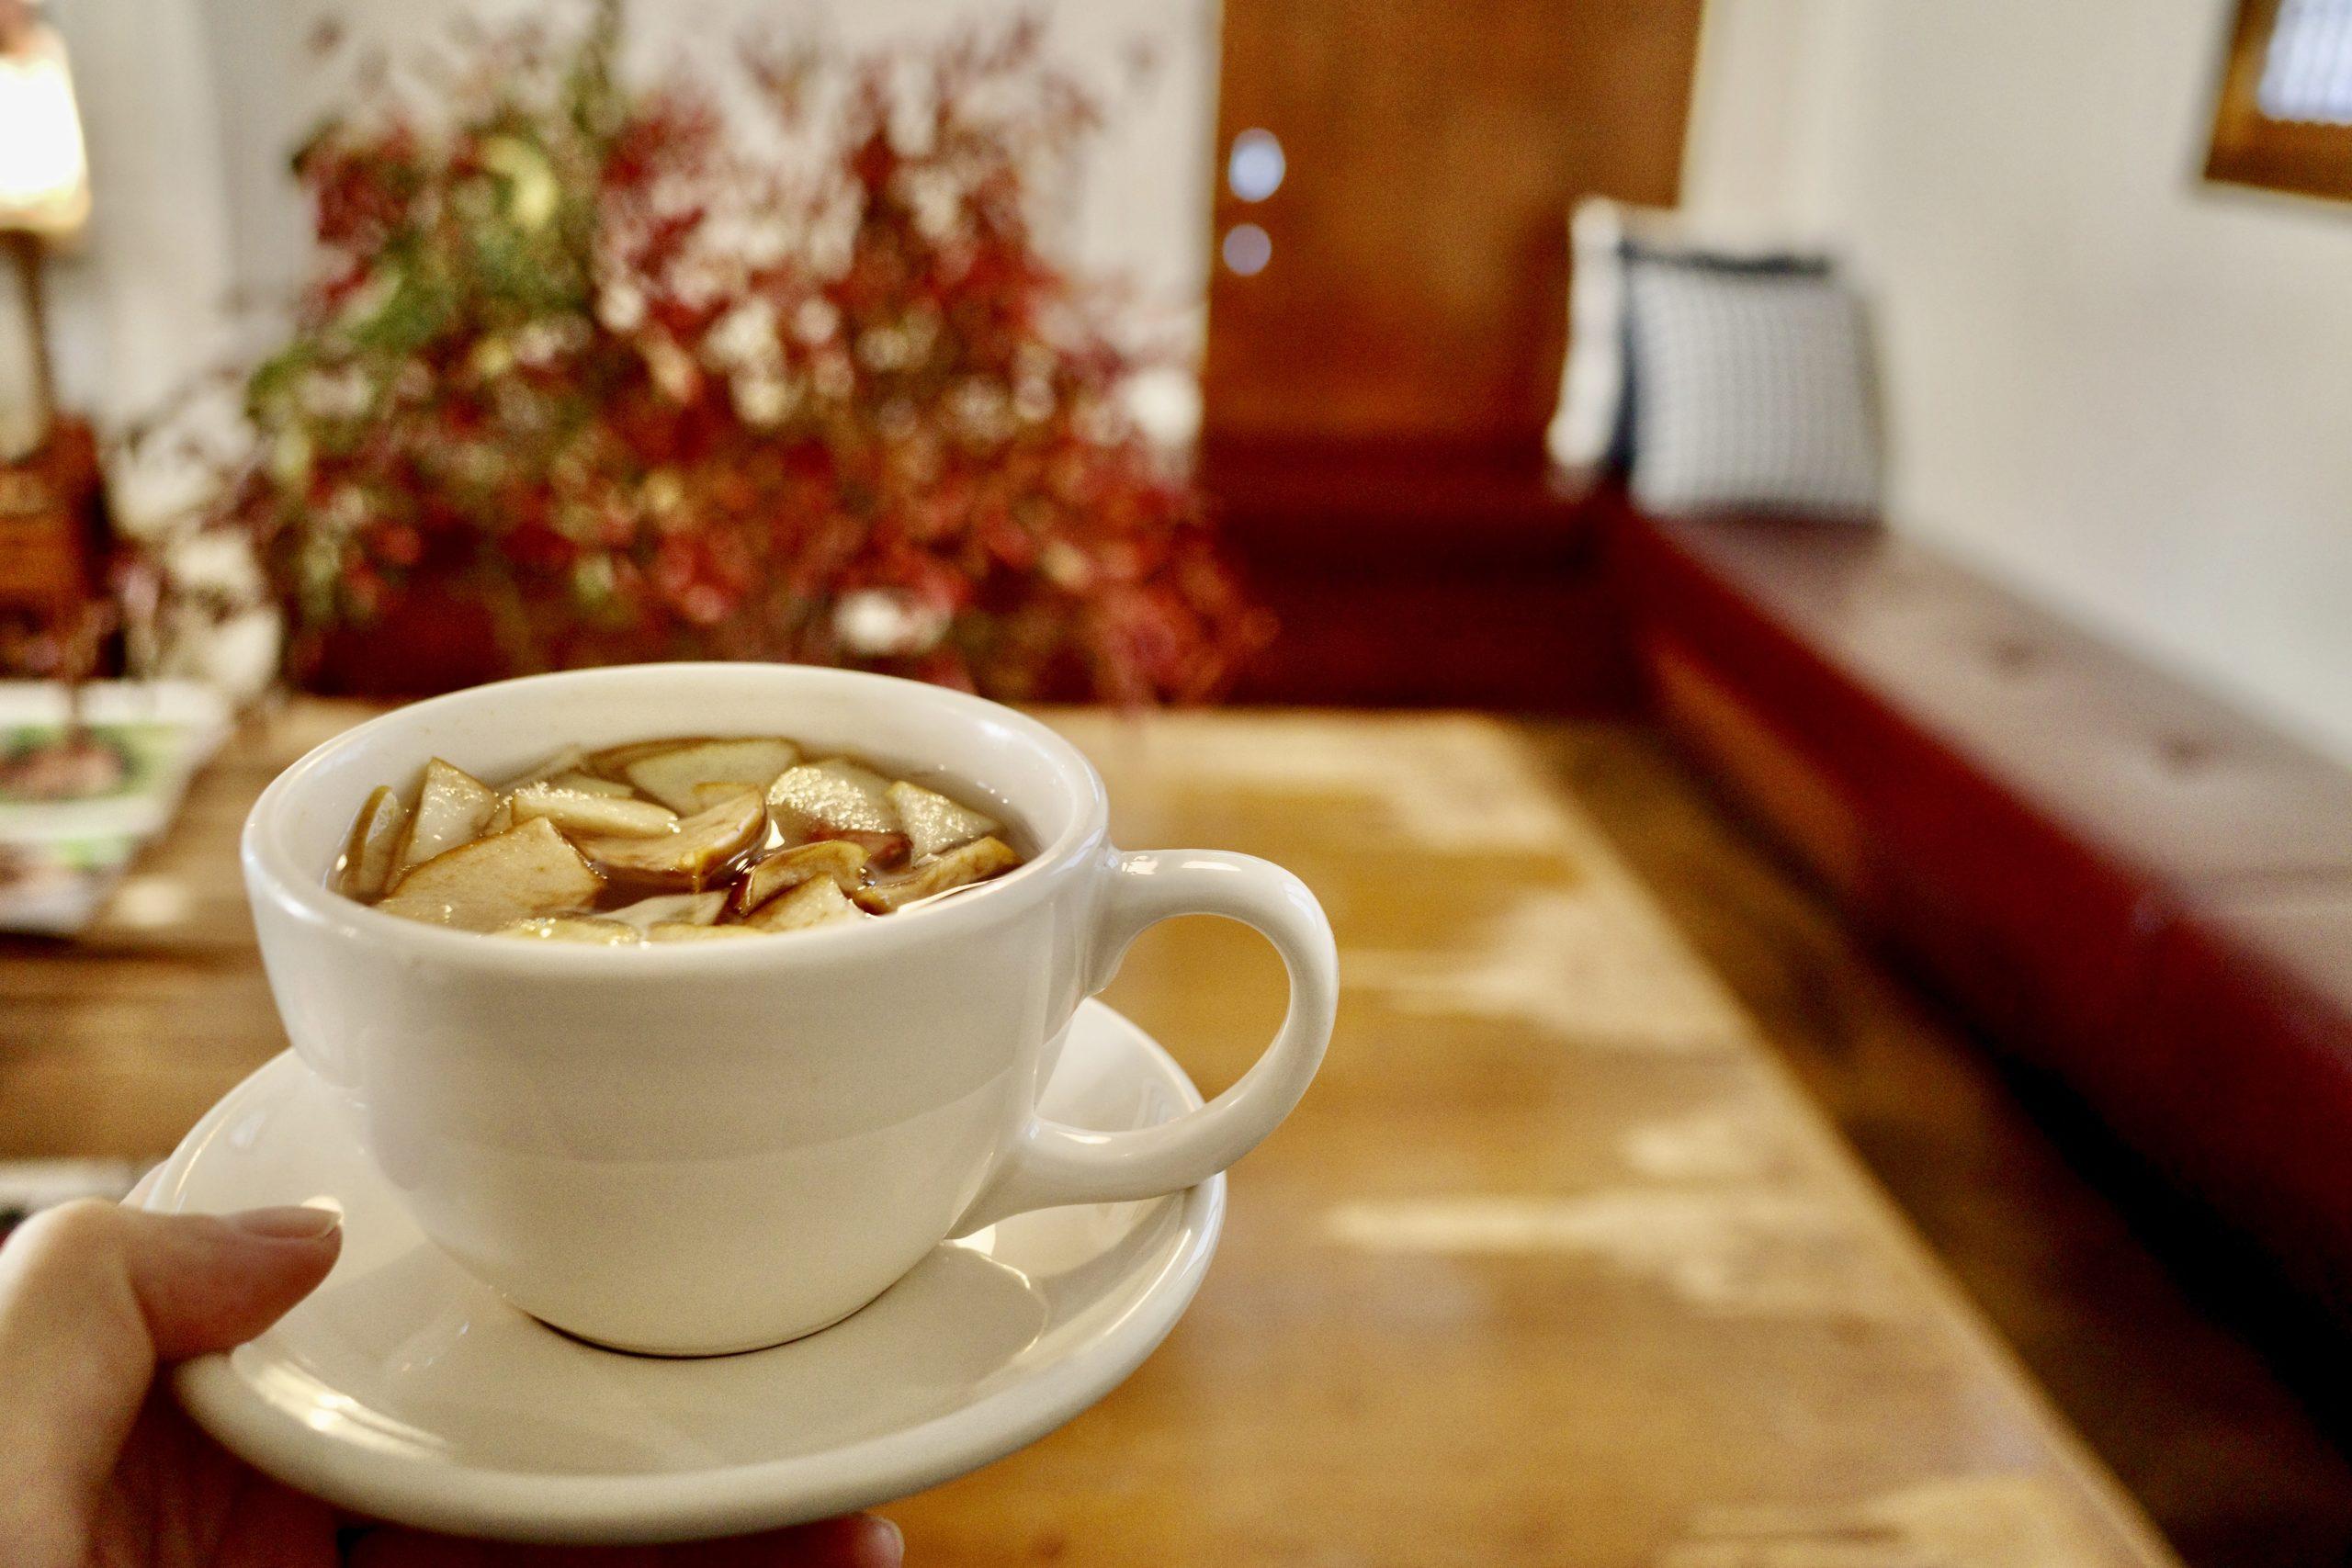 「永登浦で行きたい朝カフェ!Season Coffee & Bakeで蜂蜜漬け入りのホームメイドティーを」のアイキャッチ画像